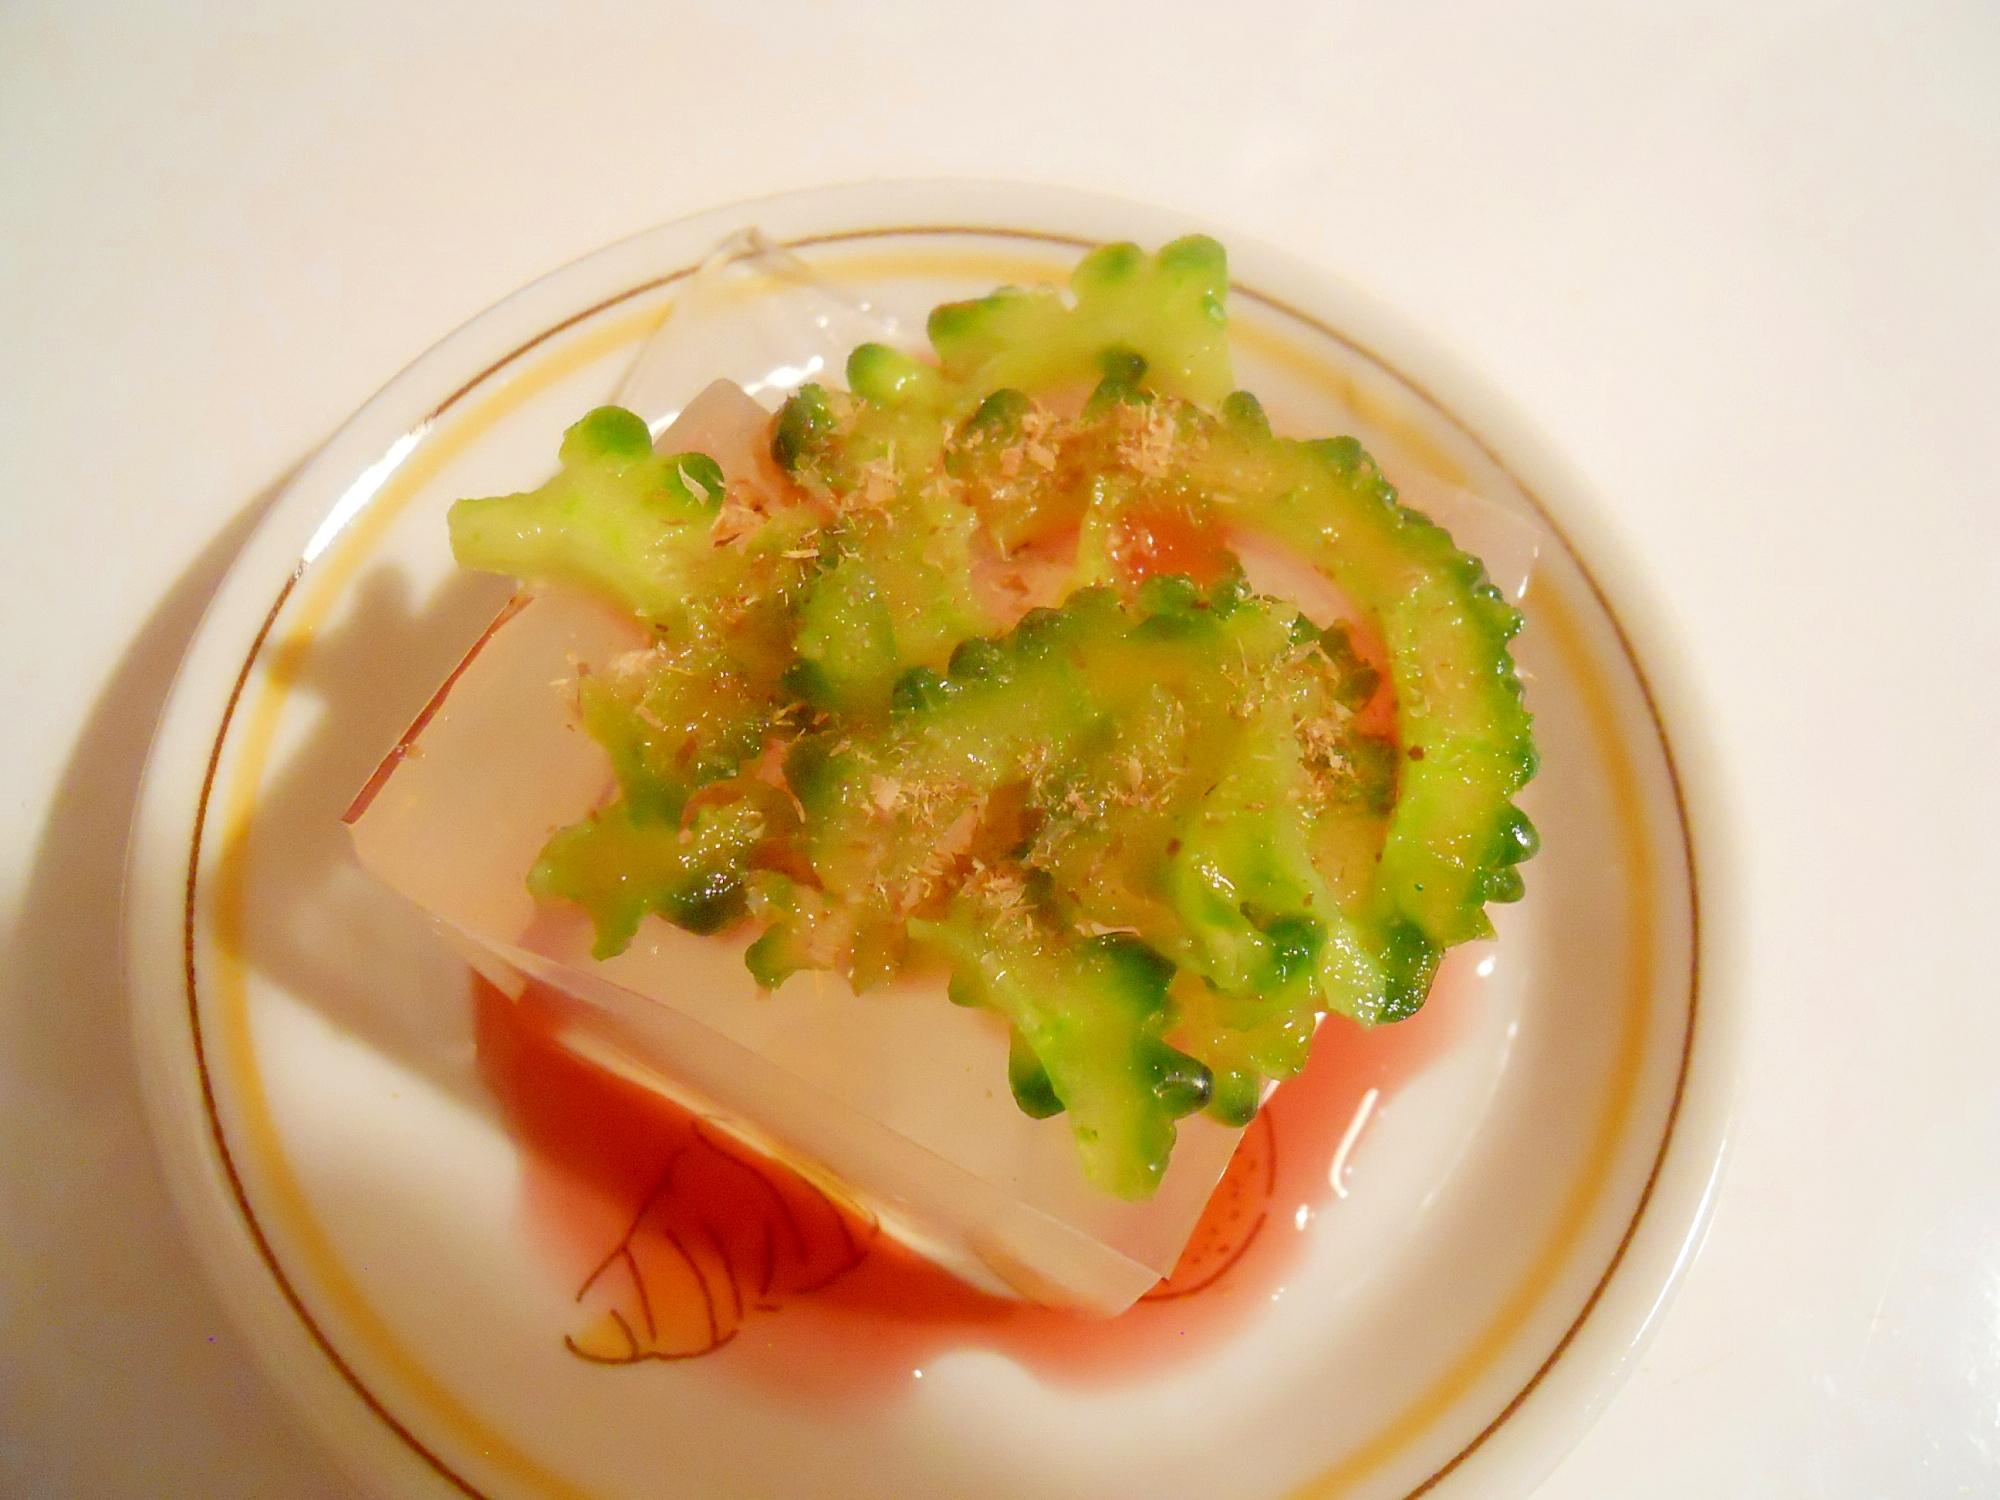 夏バテ対策☆ゴーヤと赤紫蘇酢で寒天やっこ風